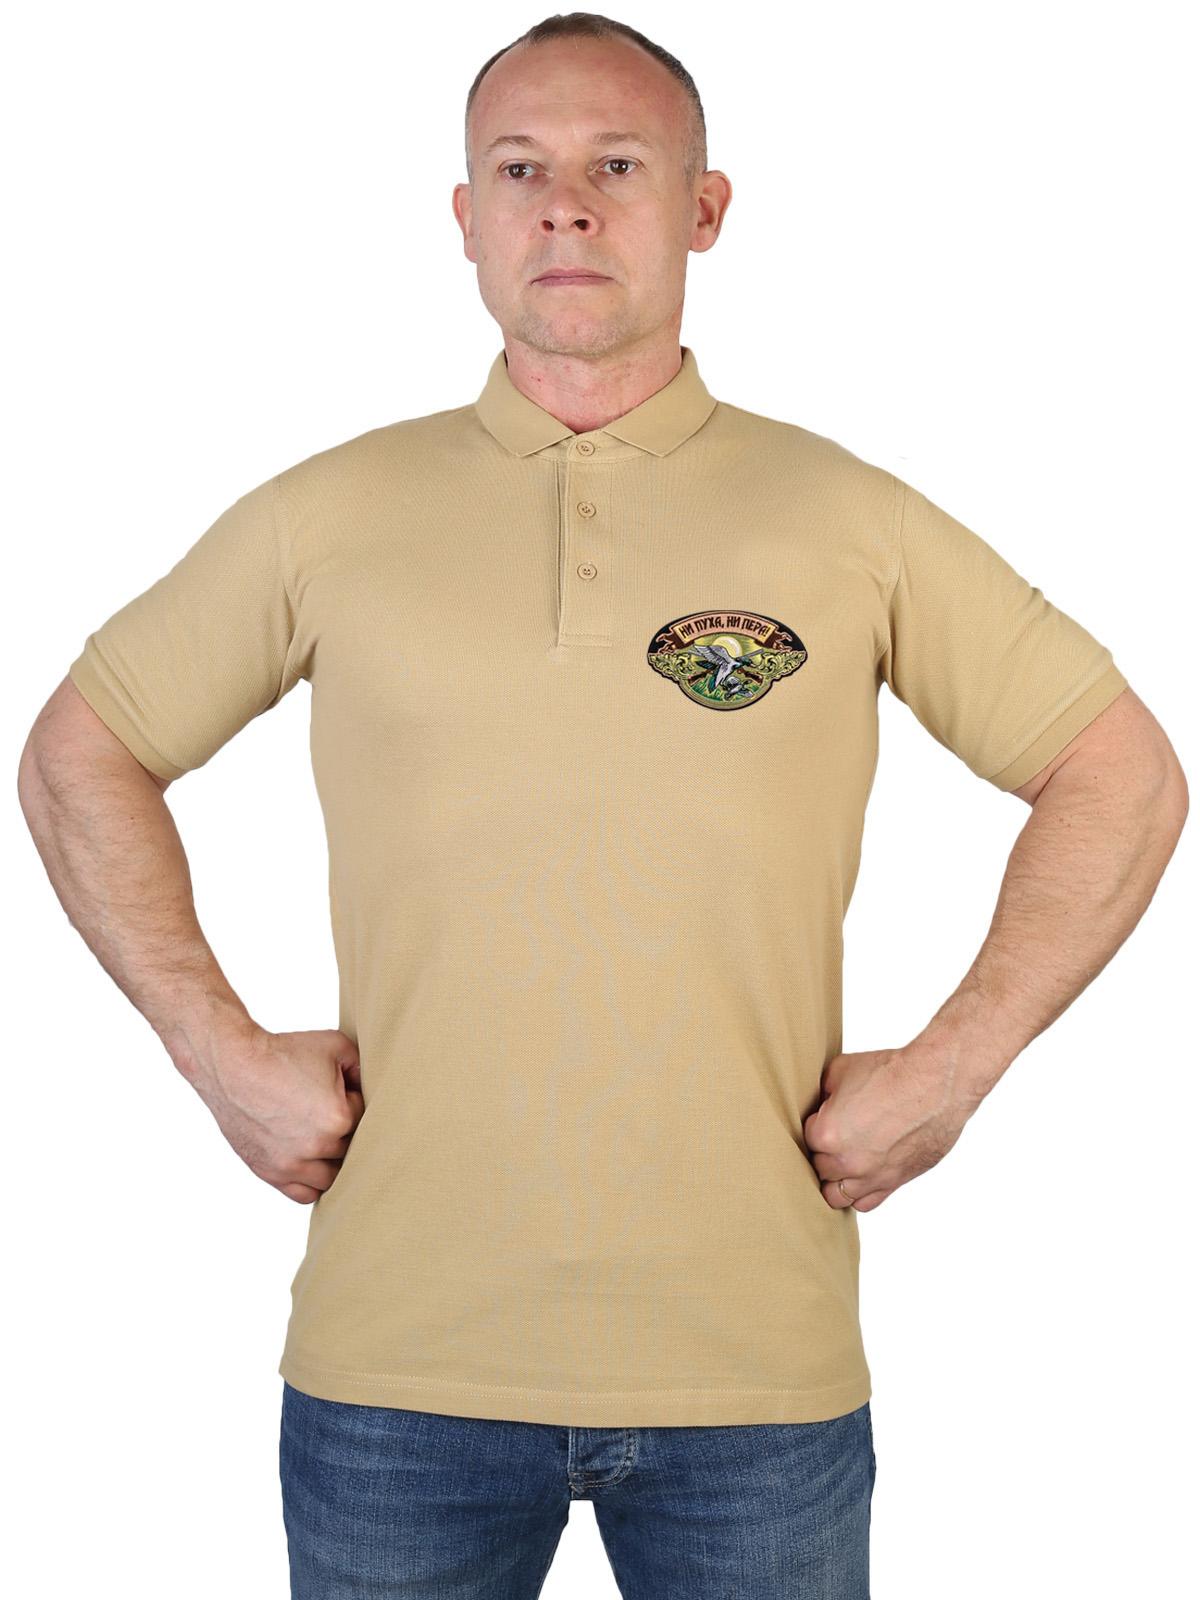 Купить крутую песочную футболку-поло с охотничьей вышивкой по выгодной цене